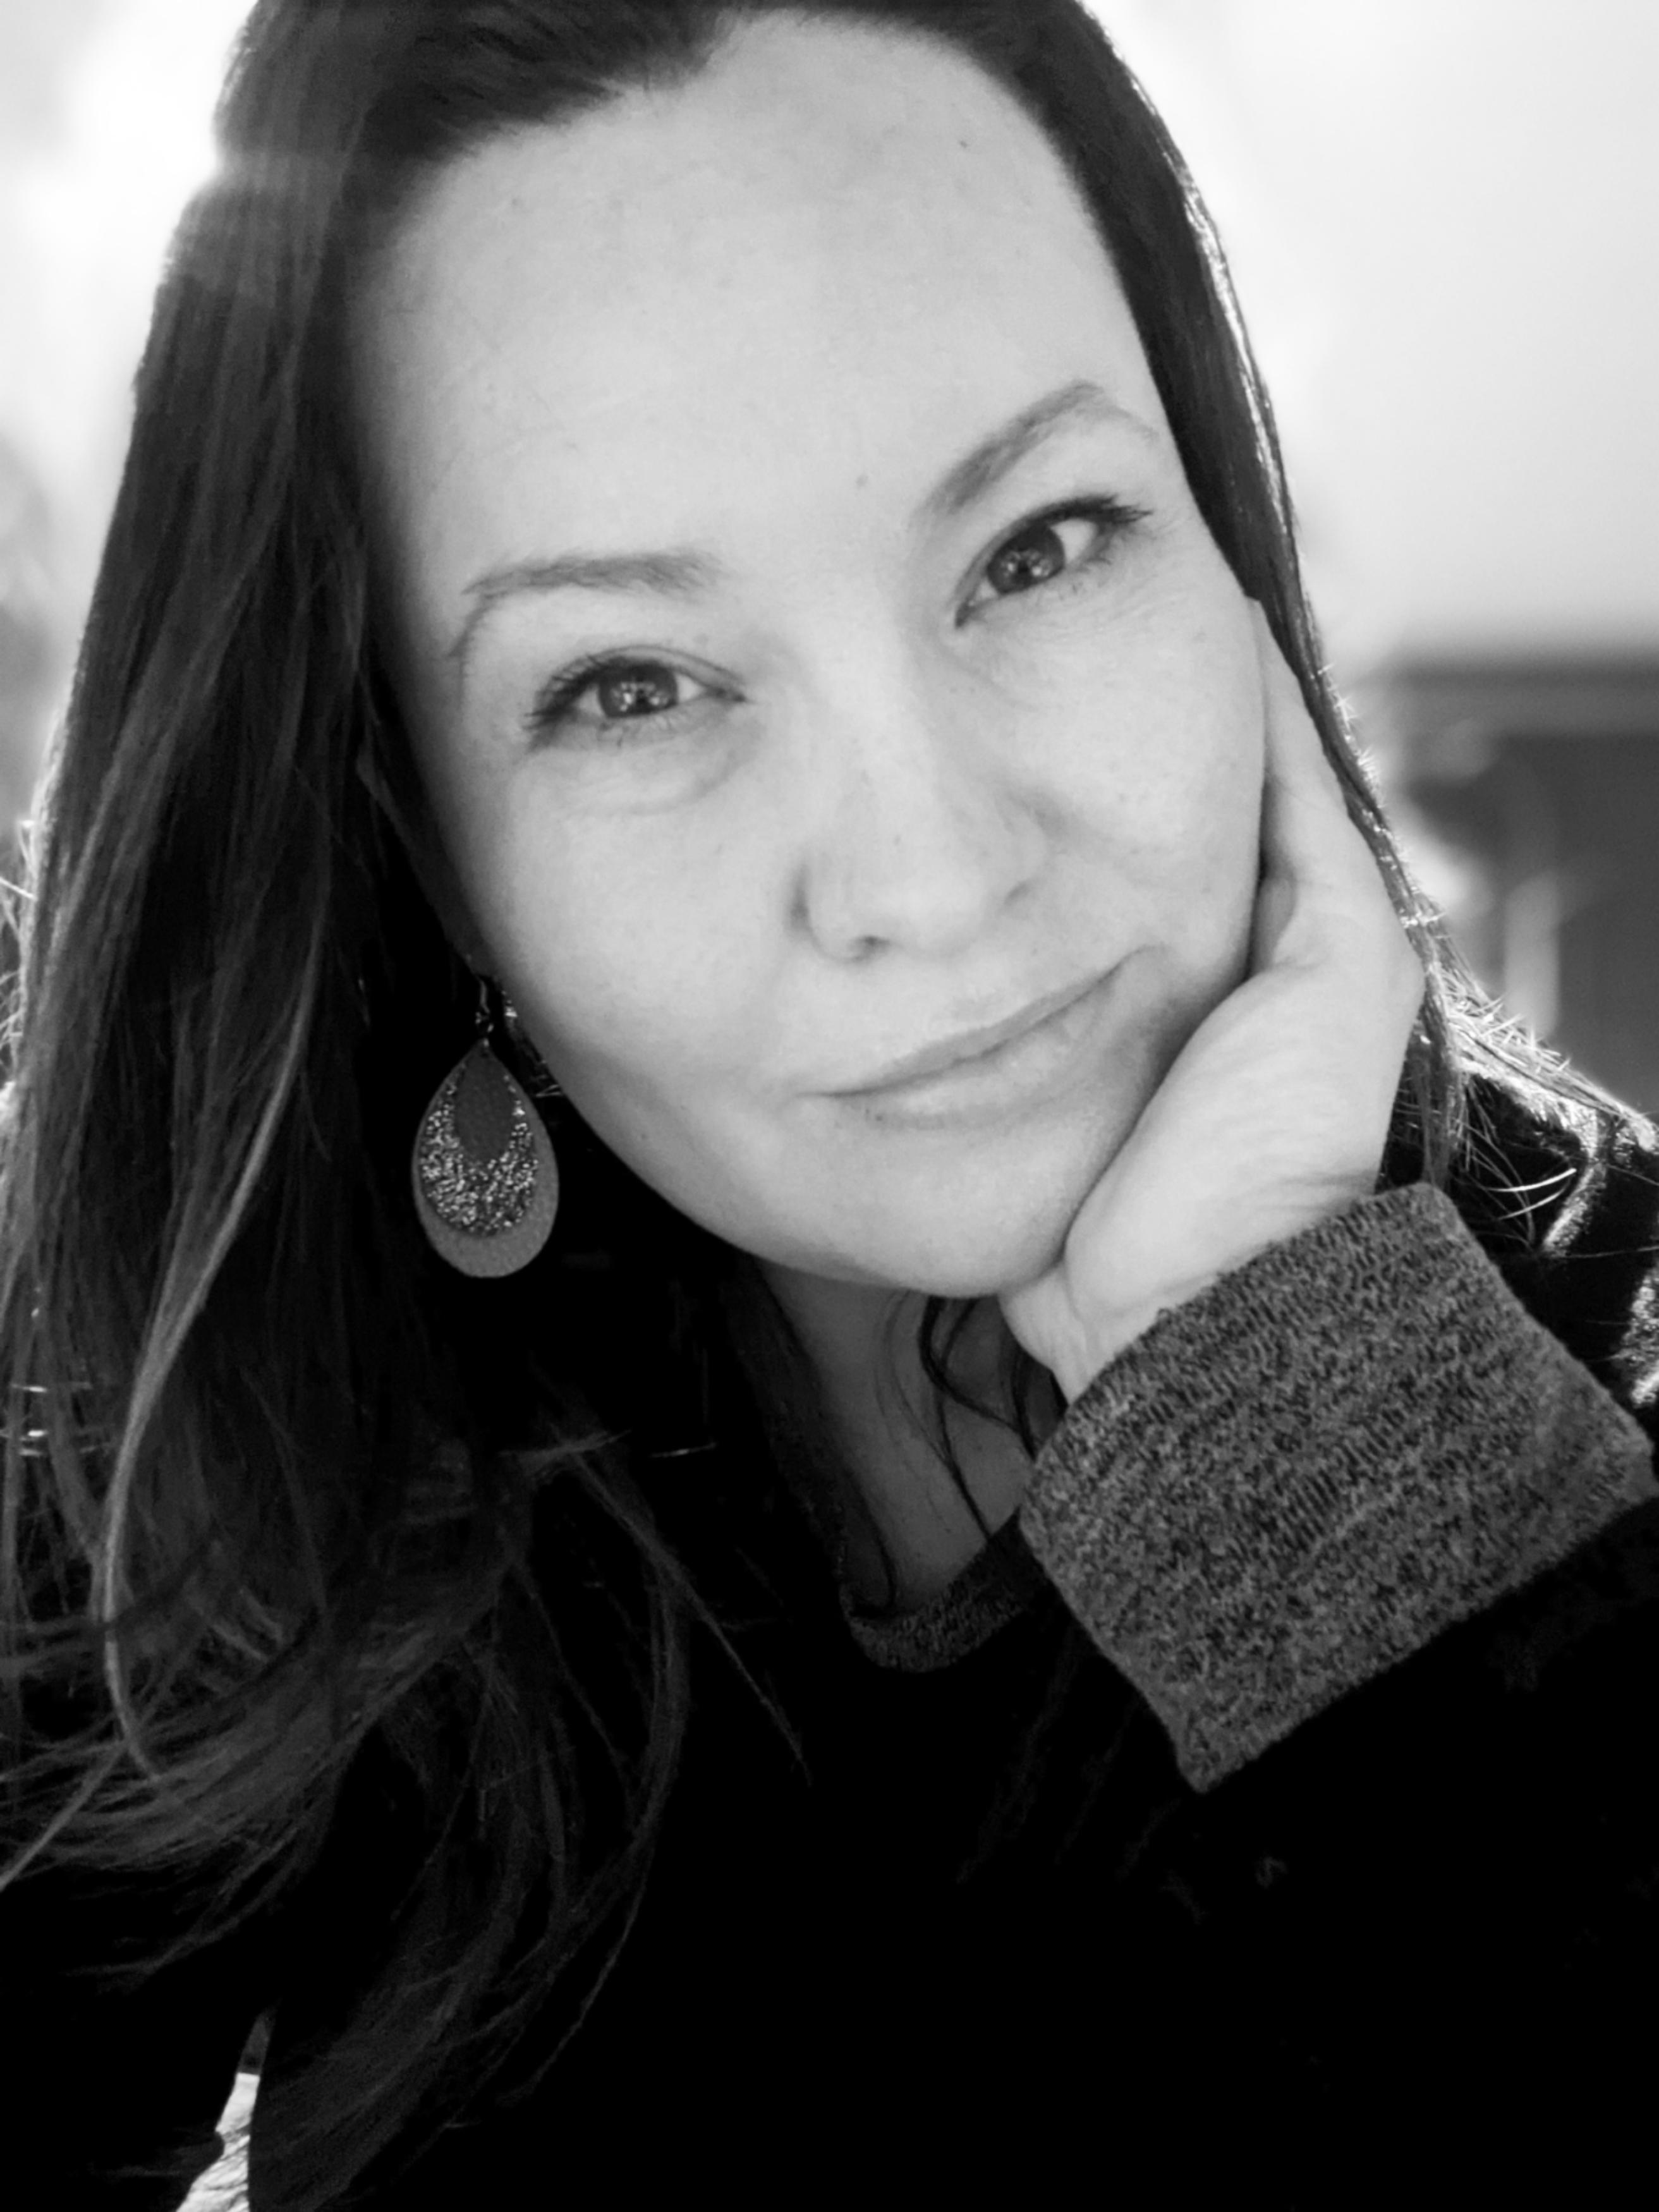 Andrea D'Addario (black and white image)